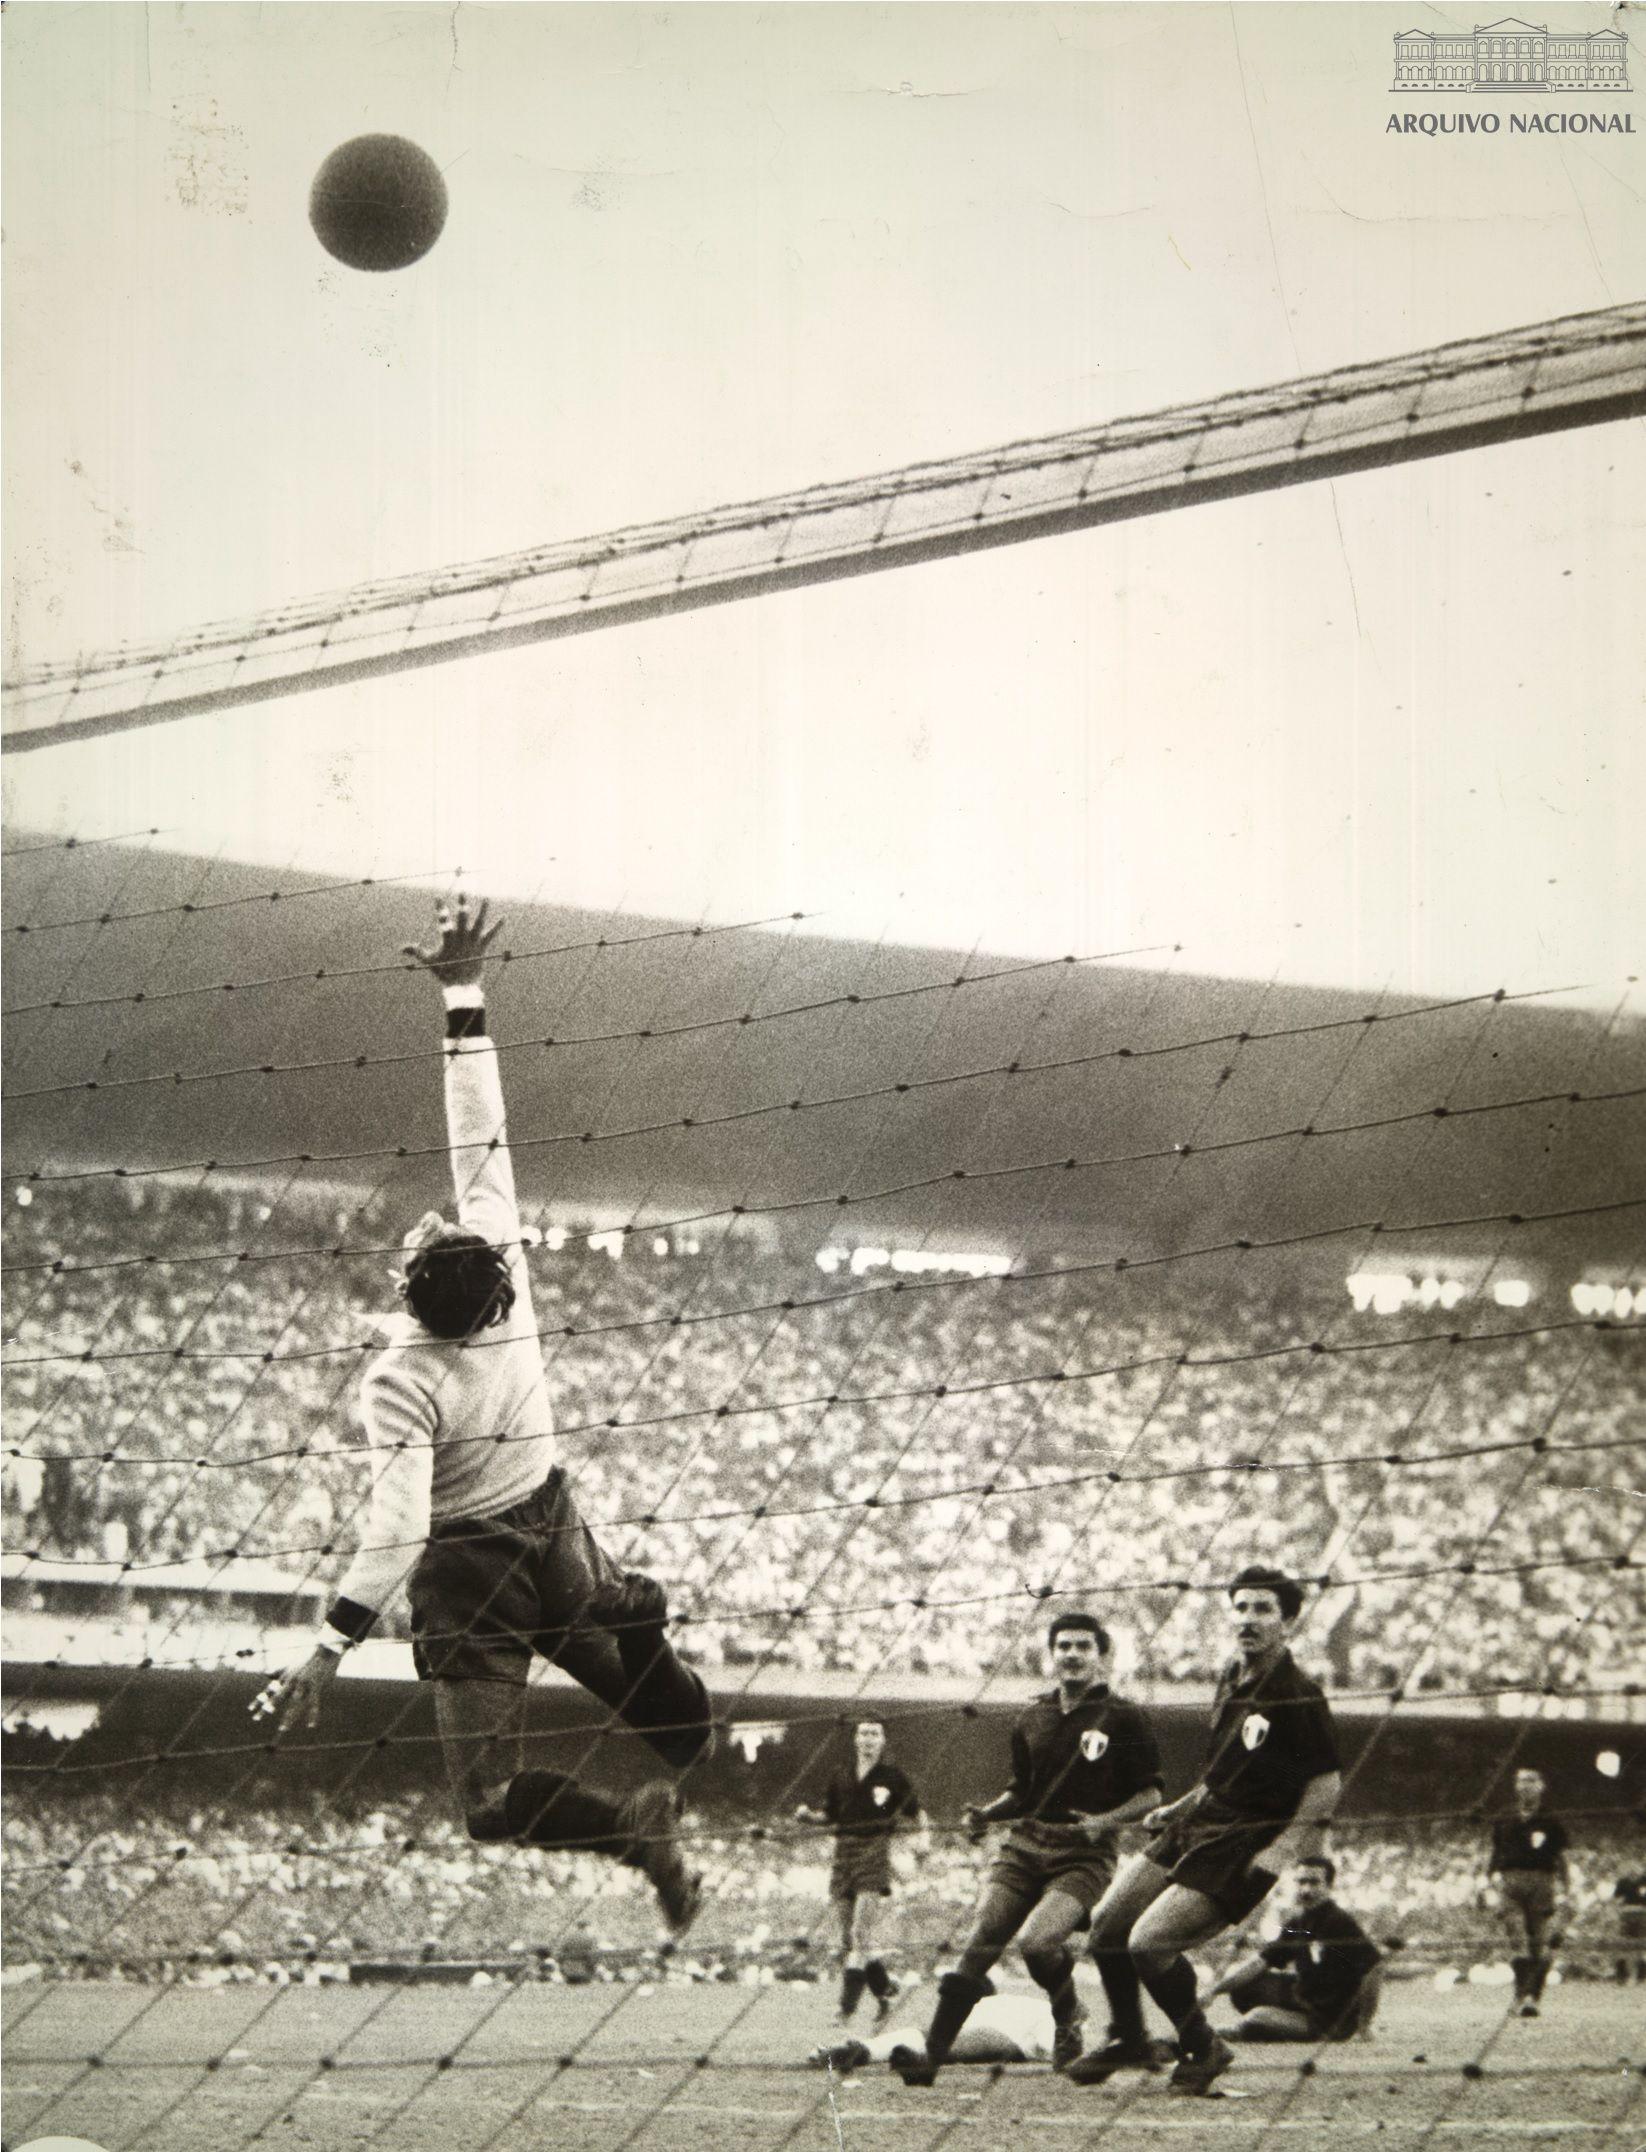 Lance Do Jogo Brasil X Mexico Valido Pela Primeira Fase Da Copa Do Mundo 24 De Junho De 1950 Arquivo Nacional Fundo Correio Da Manha Br Rjanrio Ph 0 Futbol